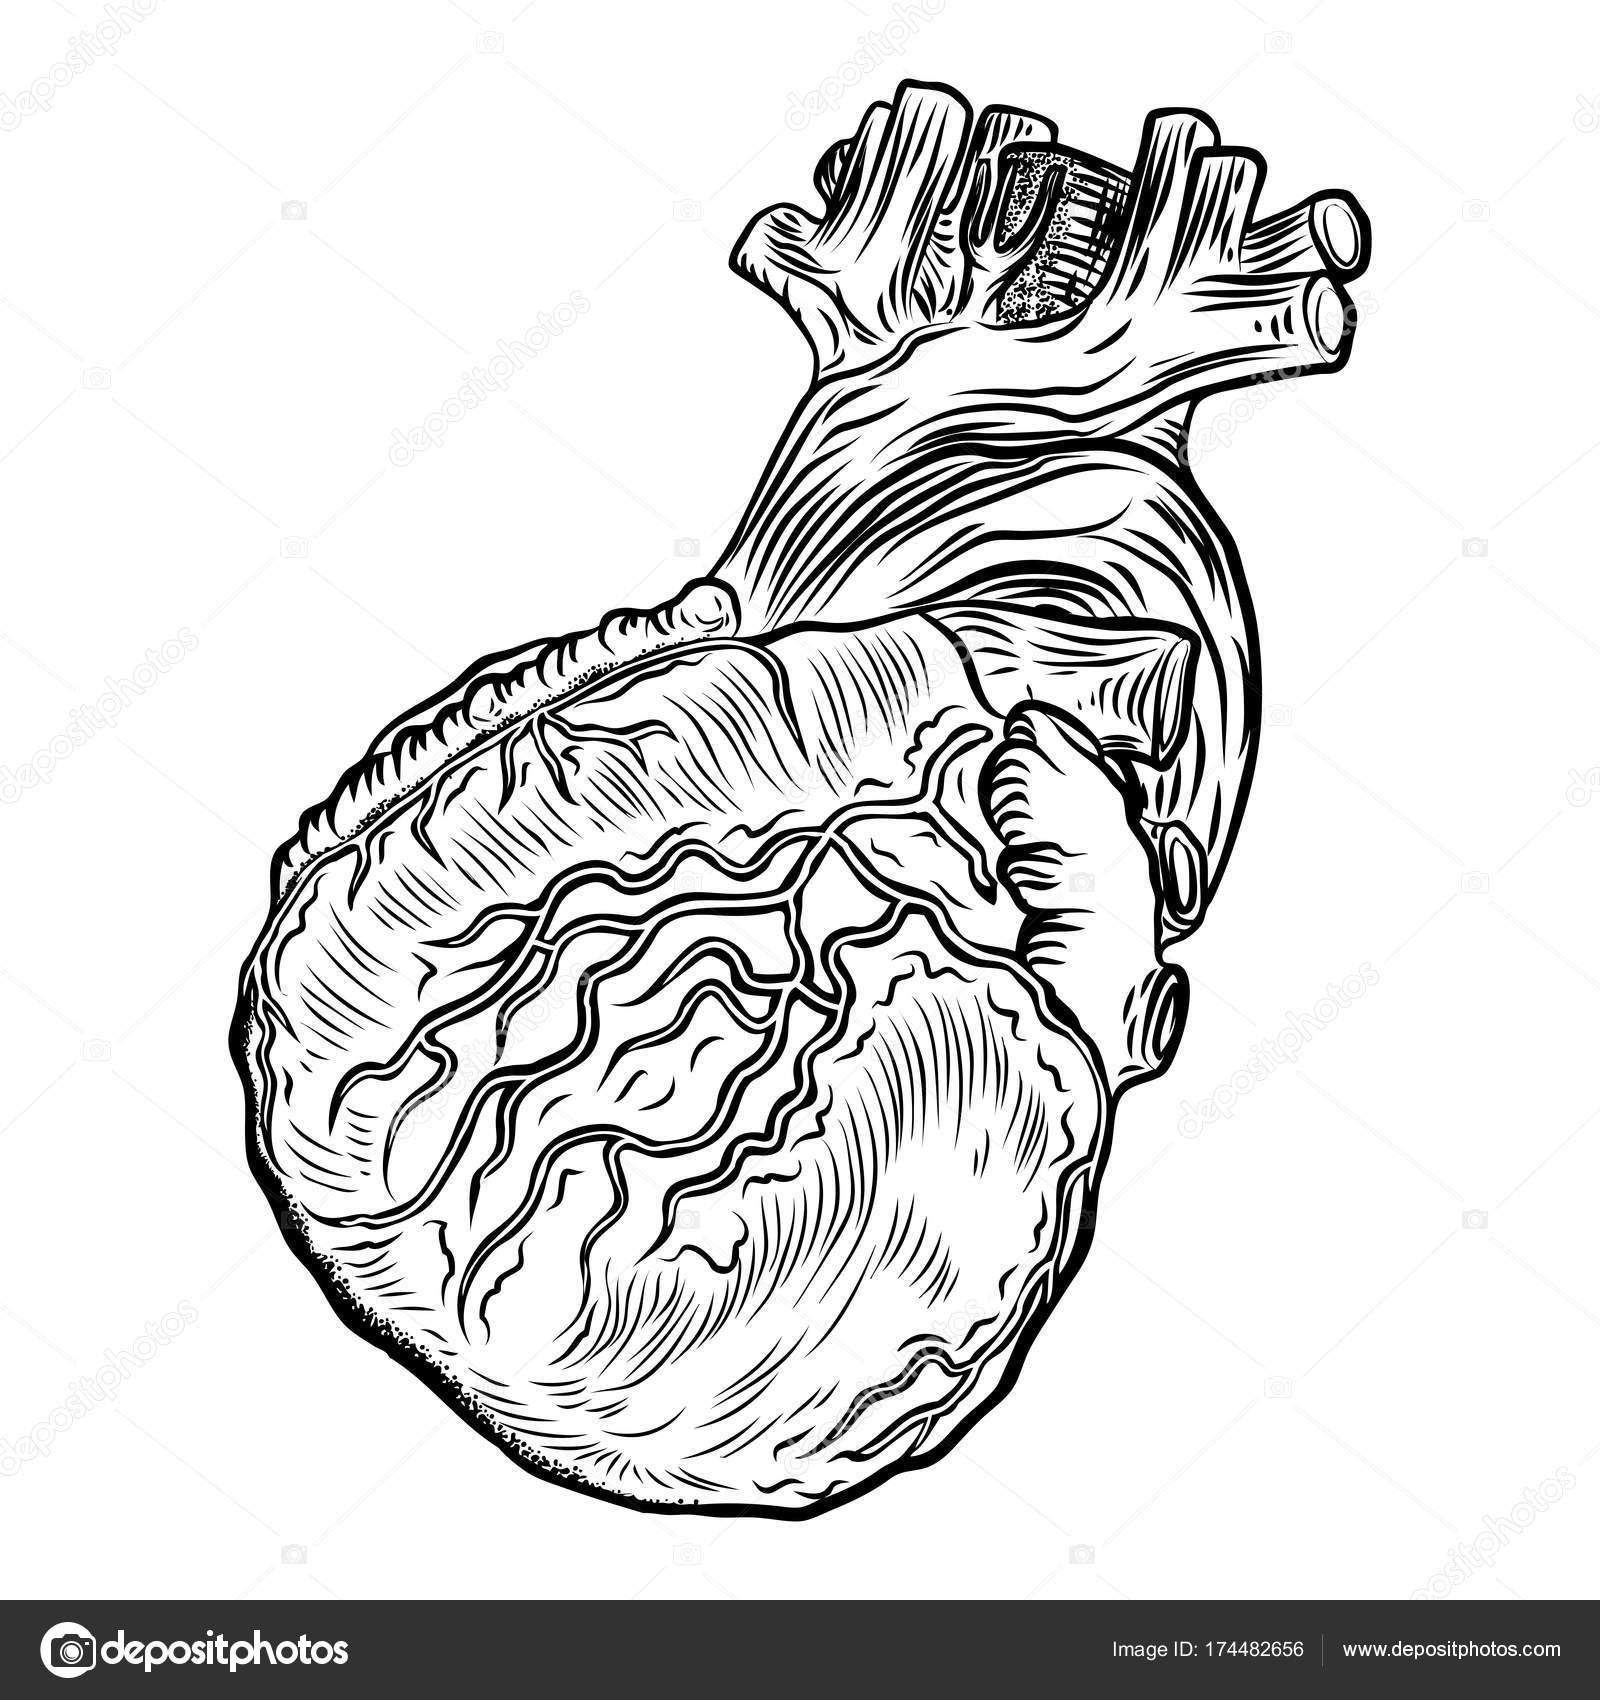 Menschlichen Herzens in Anatomie — Stockvektor © goldenshrimp #174482656